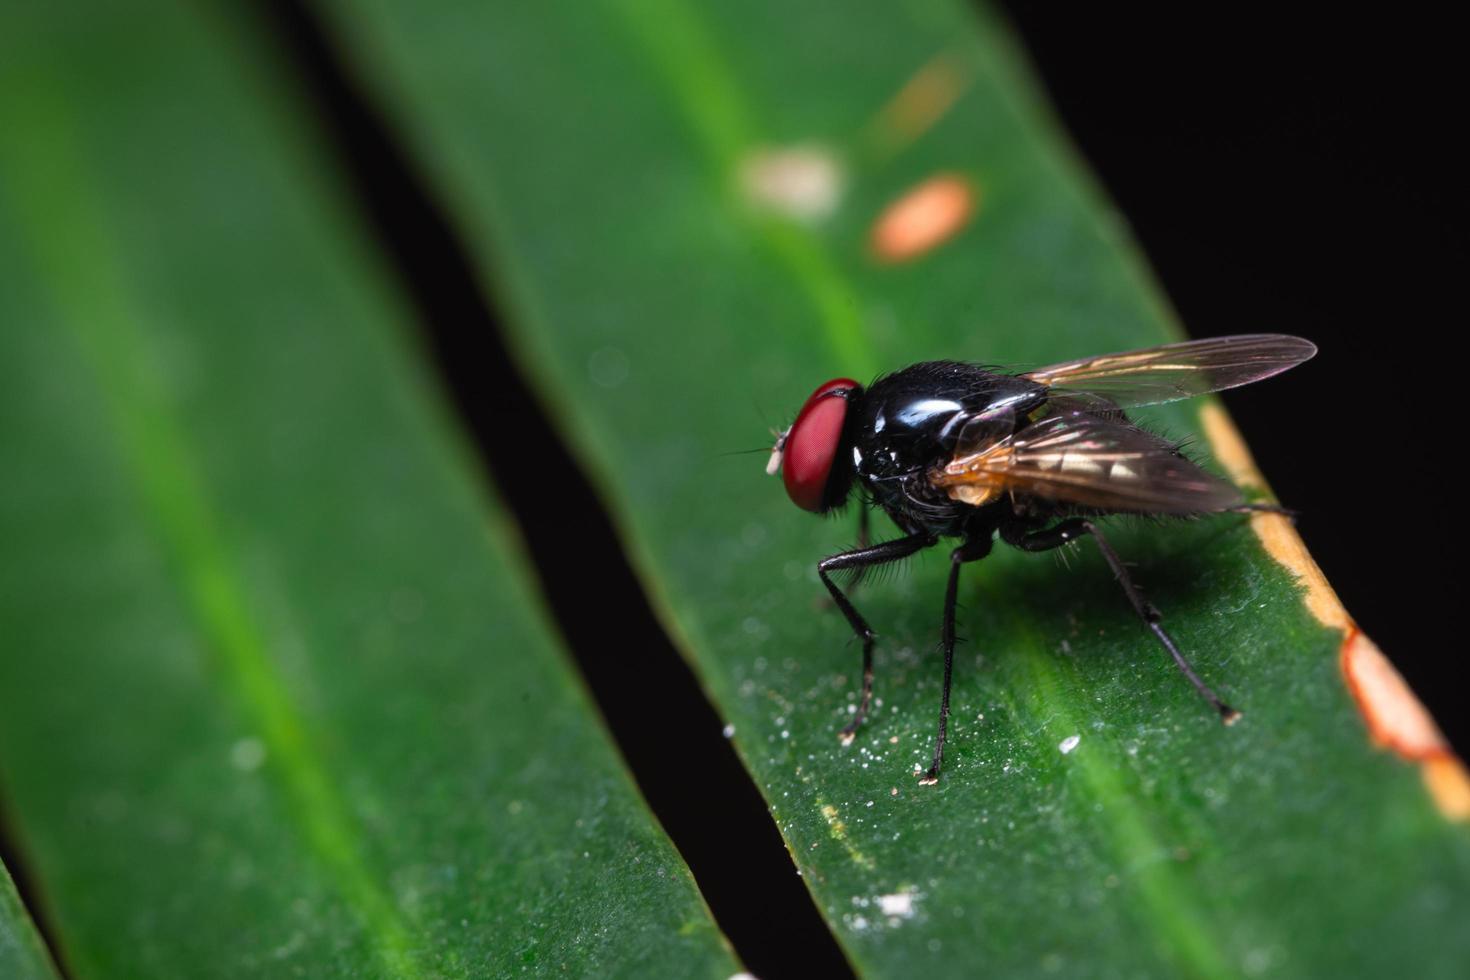 macro vista della mosca sulla foglia foto